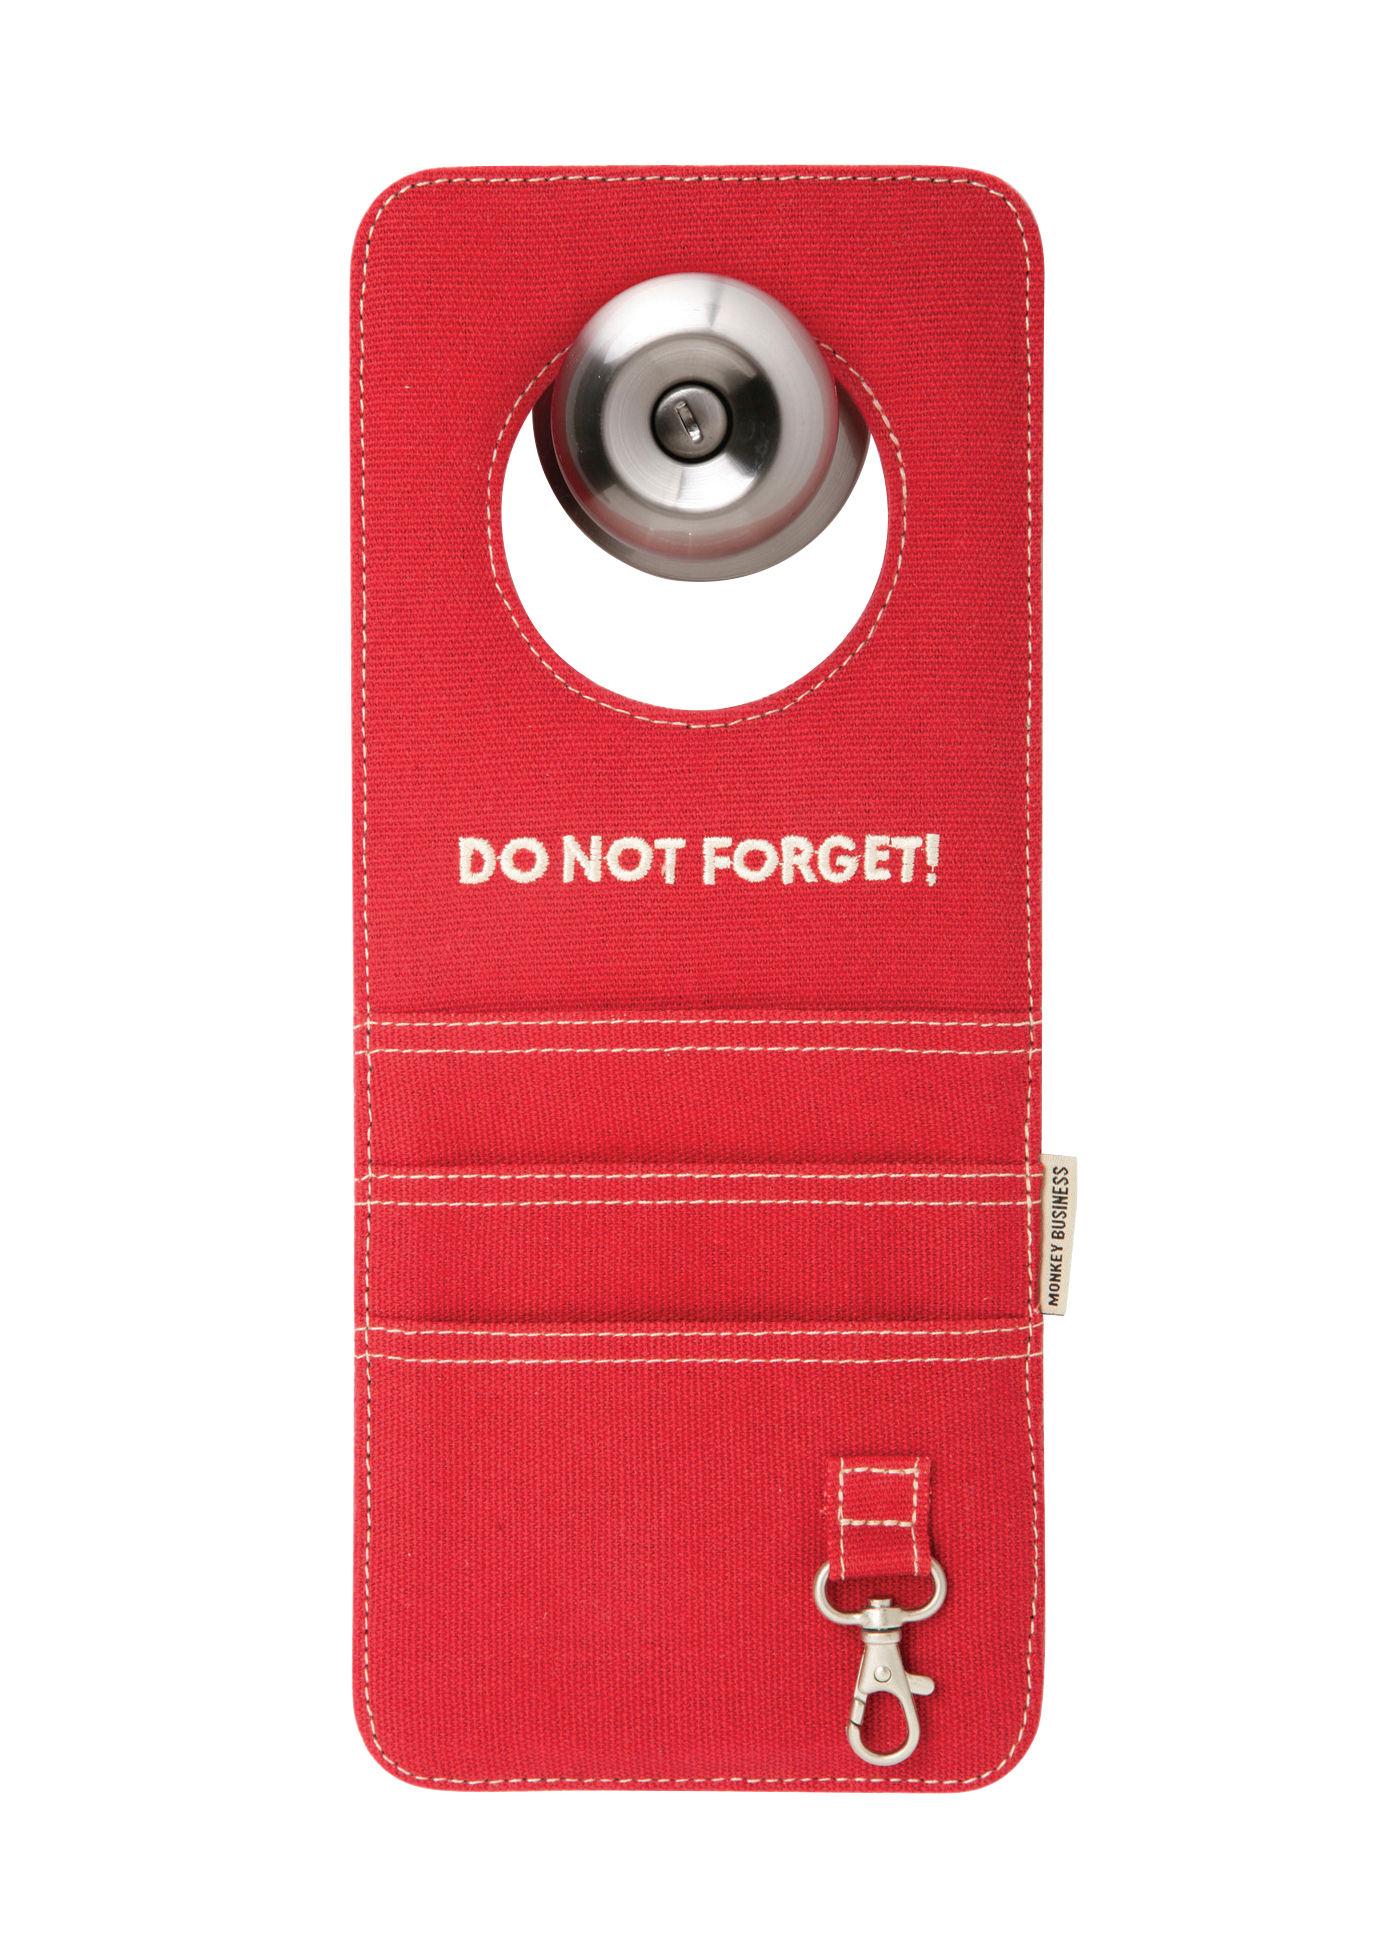 Déco - Corbeilles, centres de table, vide-poches - Vide-poche Doorganizer / Pour poignée de porte - Pa Design - Rouge - Coton